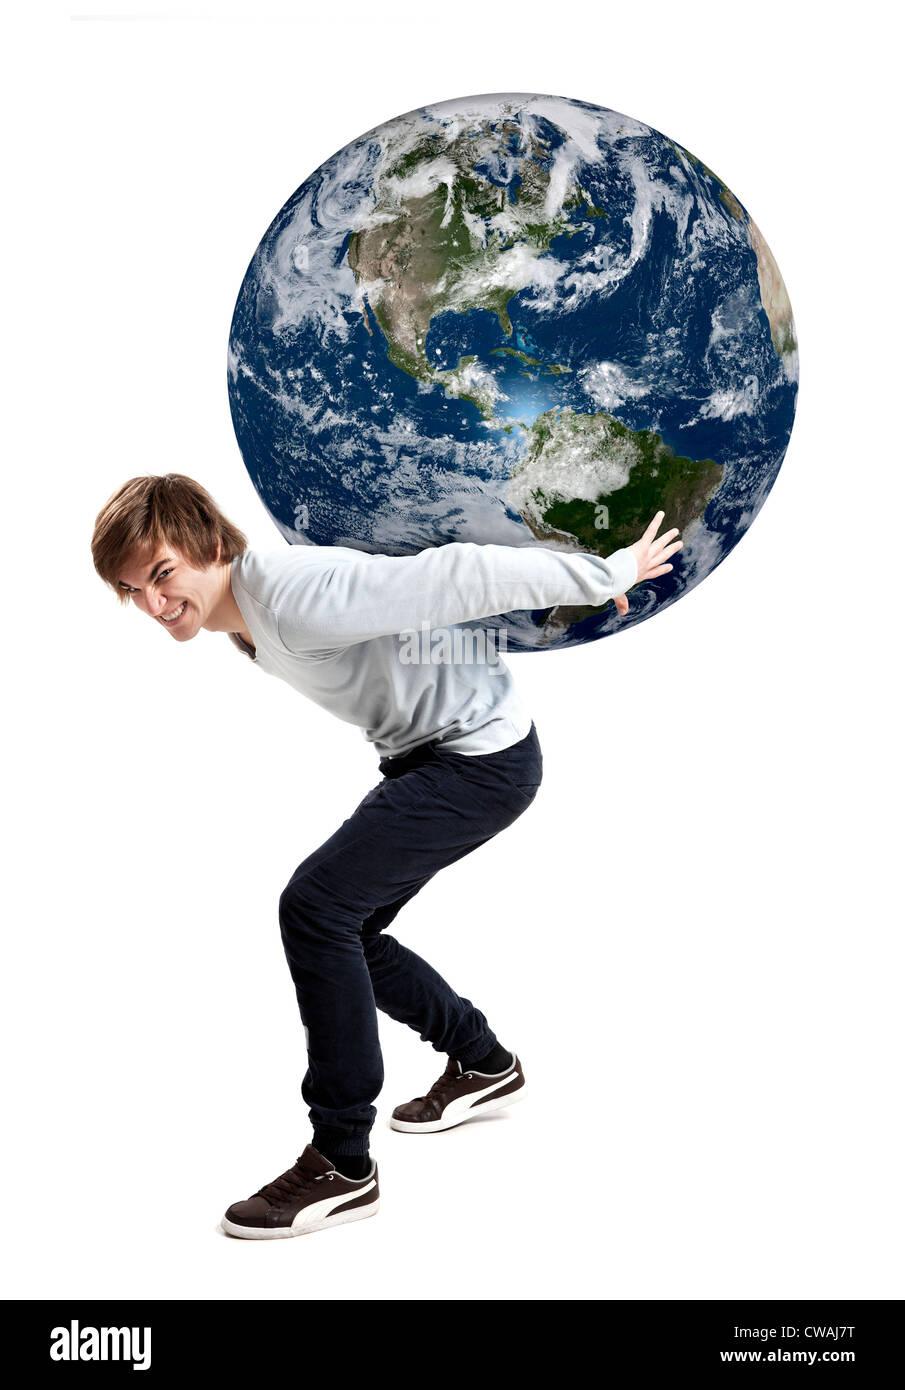 Bel giovane prendersi cura del pianeta terra sulle sue spalle, isolato su bianco Immagini Stock